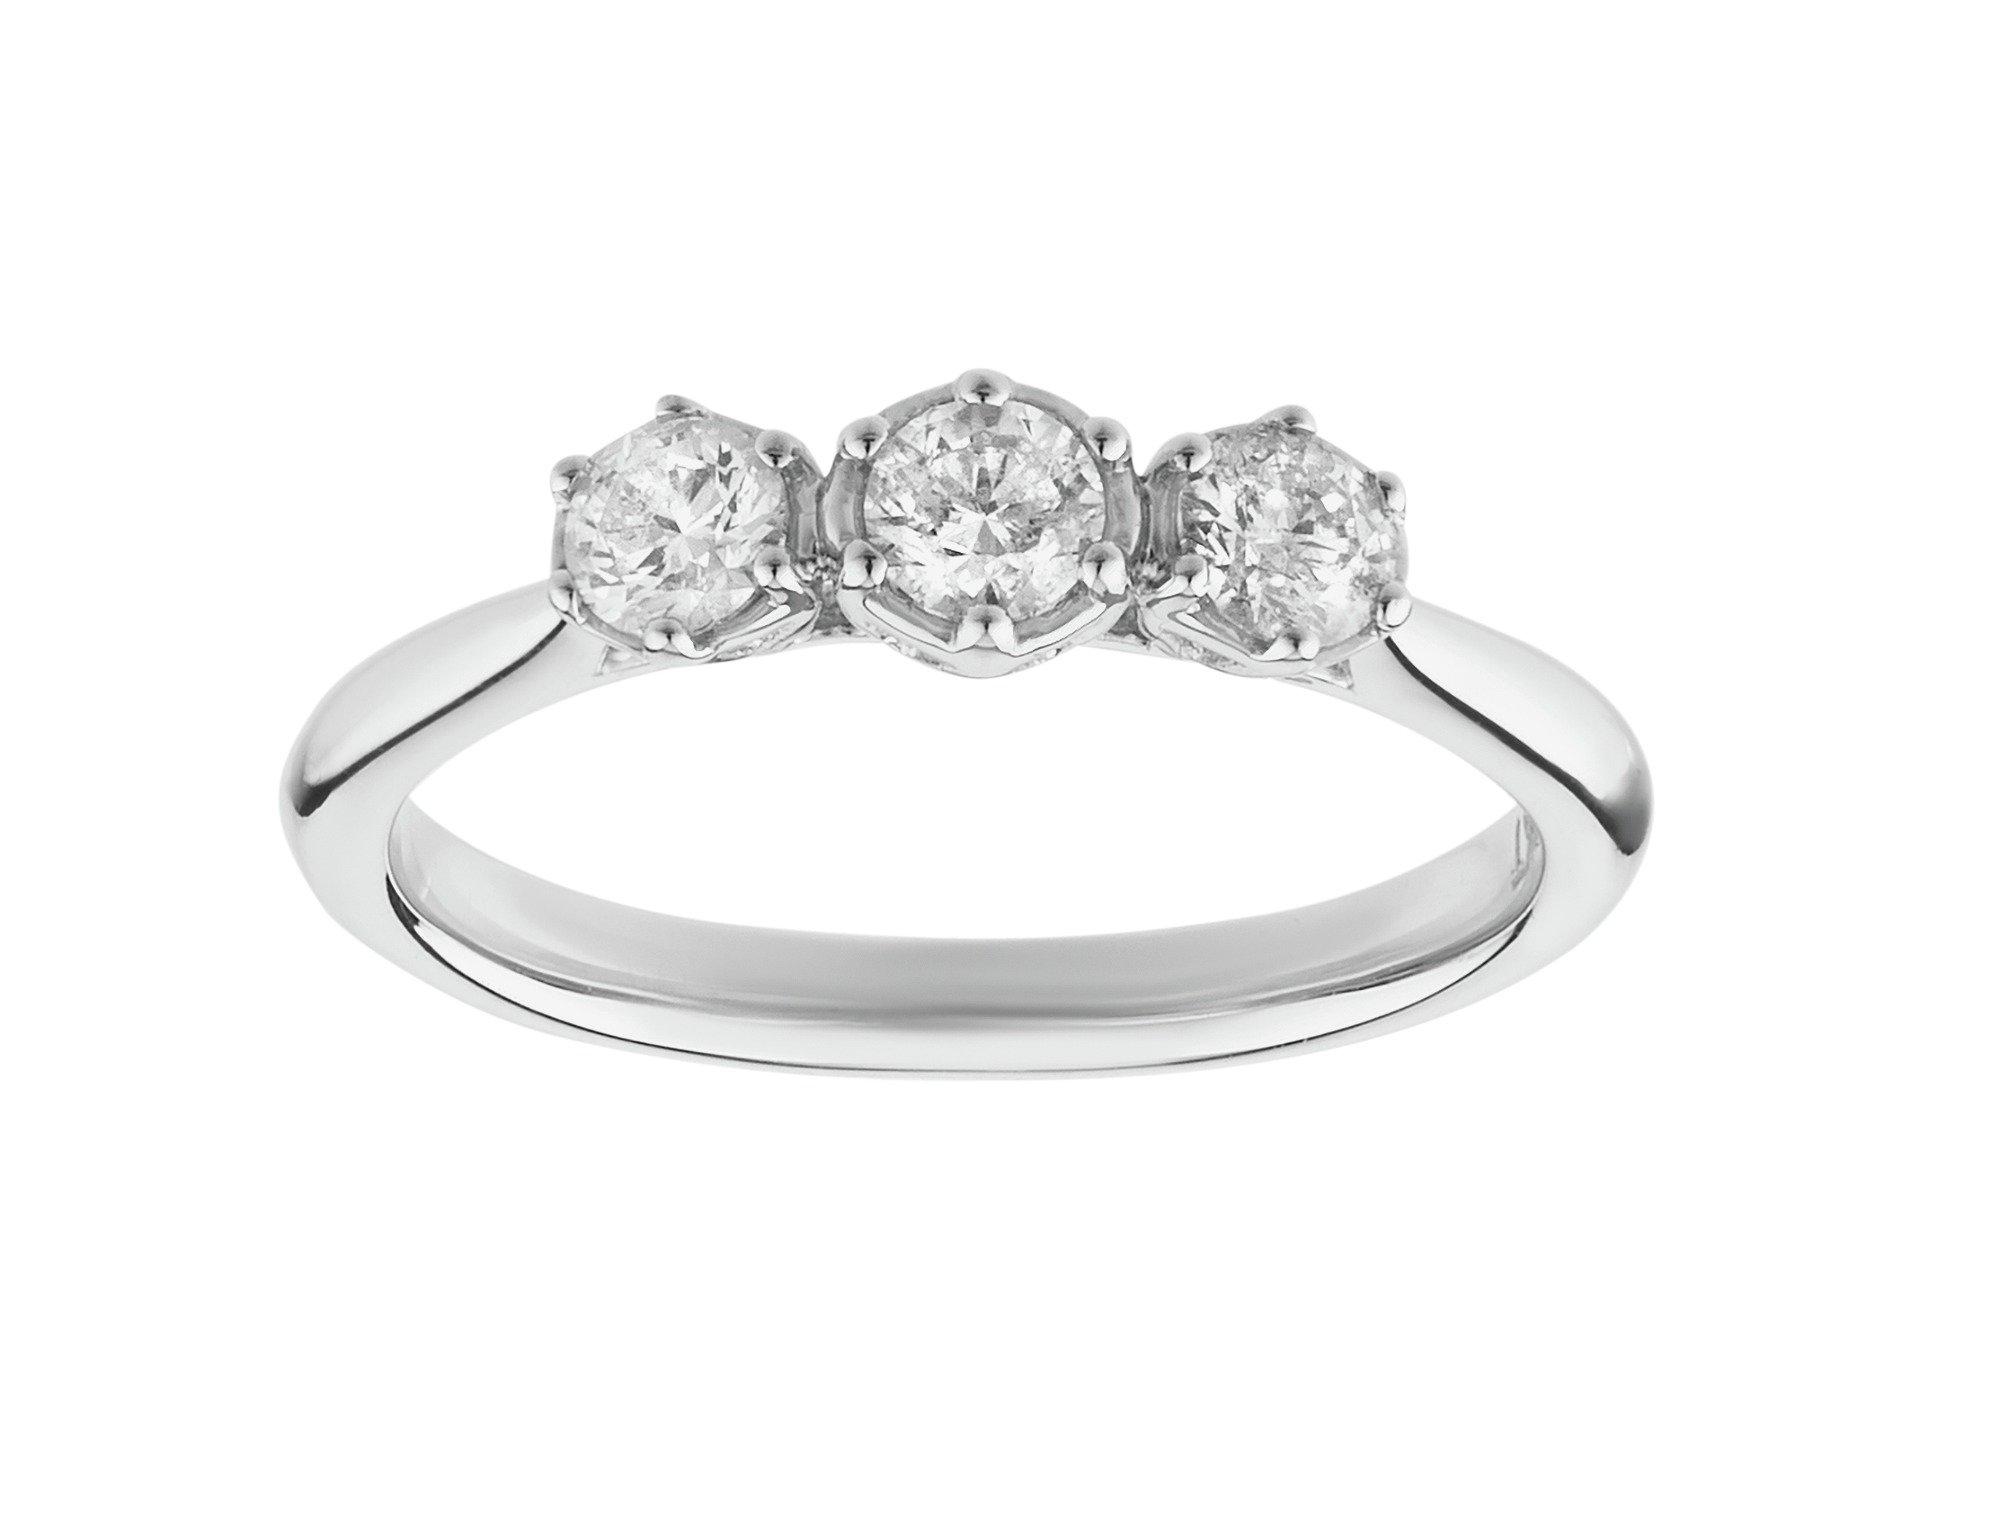 Image of Enchanted 9 Carat White Gold 050 Carat tw Diamond - Trilogy Ring